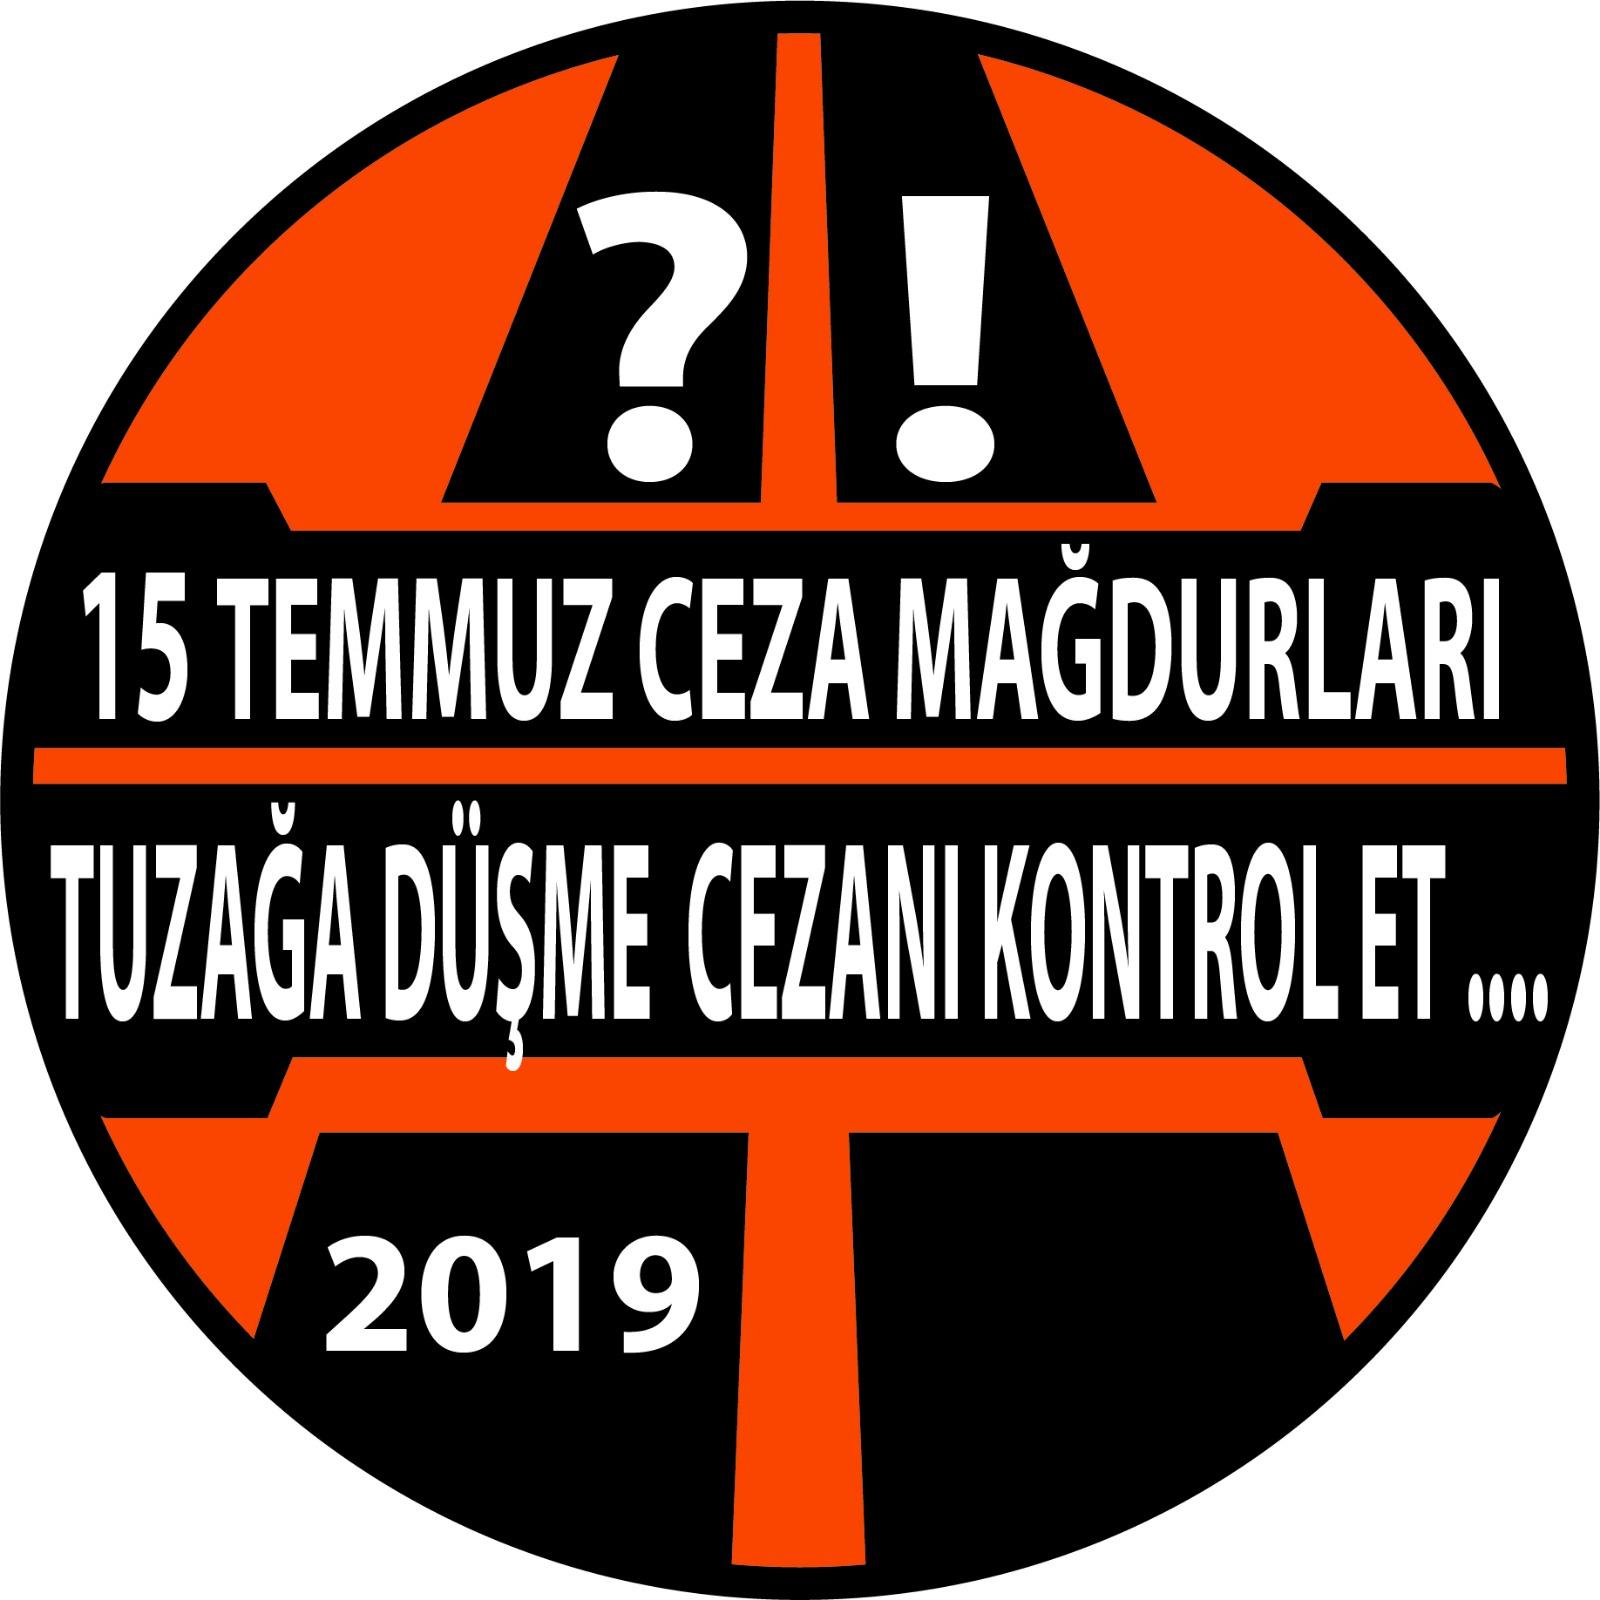 #koprugecismagdurlari Halkın Avukatına Gidiyor